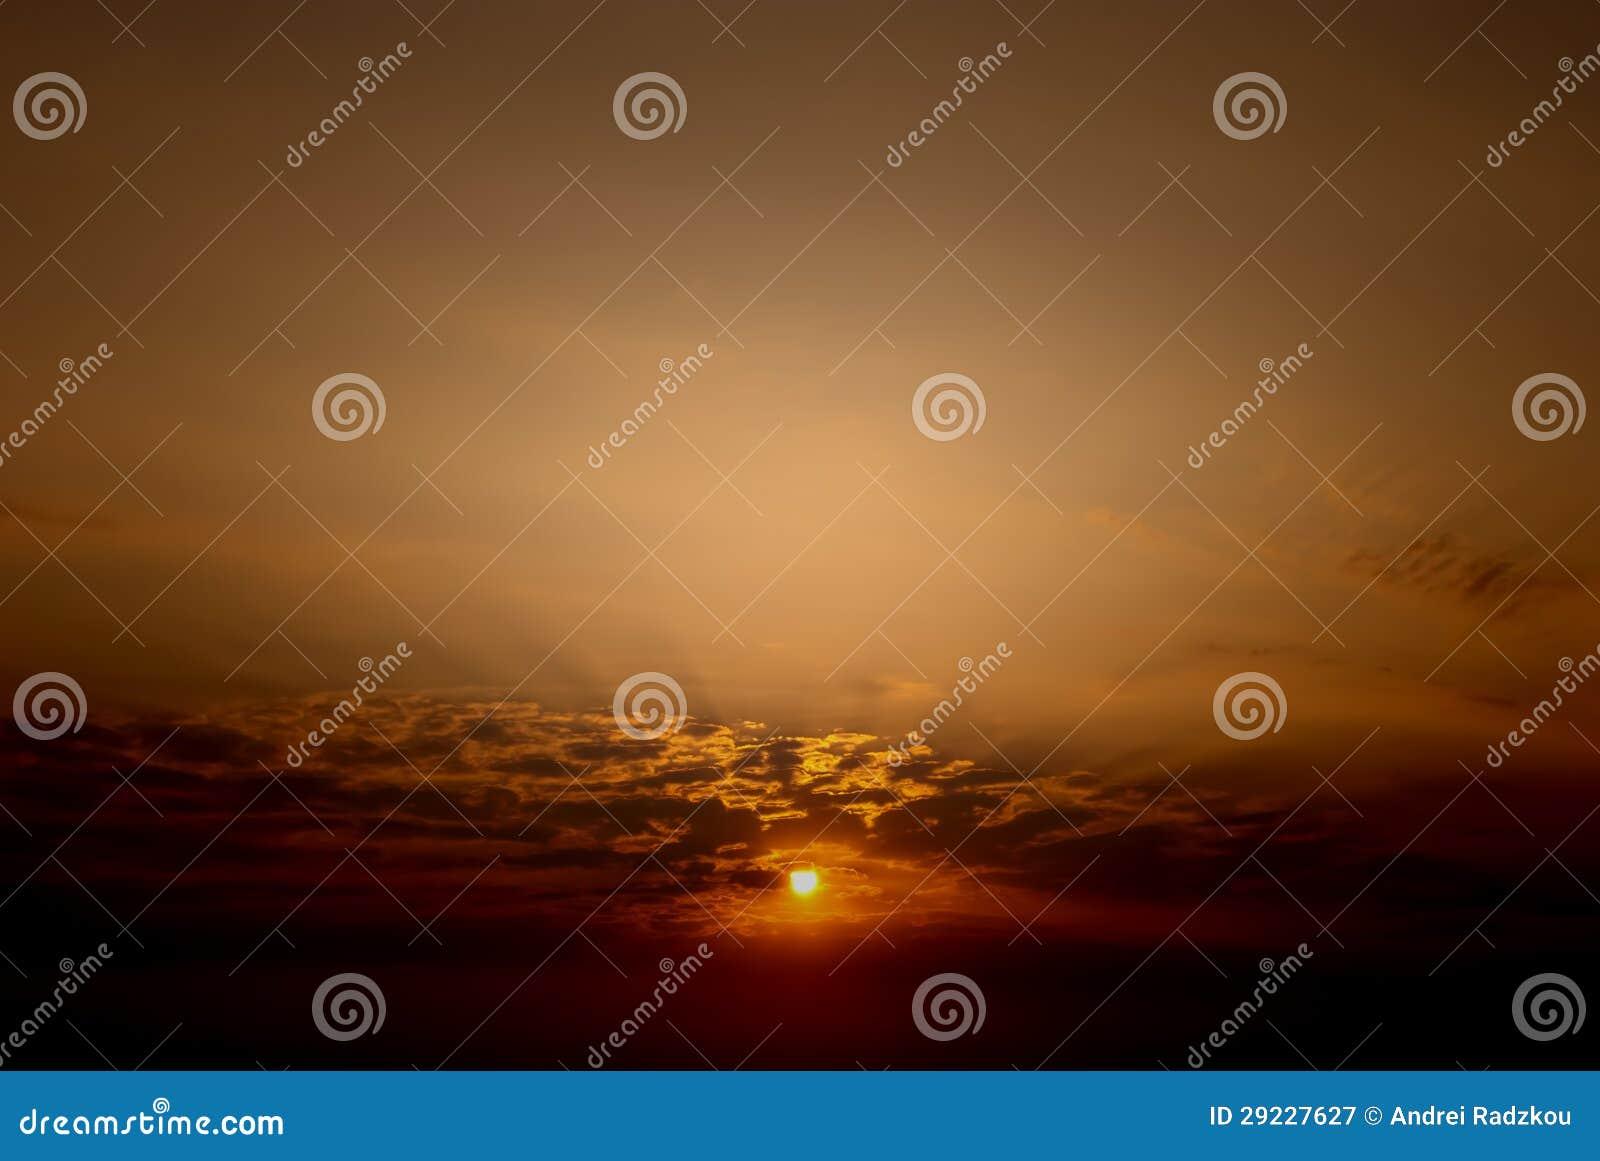 Download Um alvorecer novo imagem de stock. Imagem de panoramic - 29227627